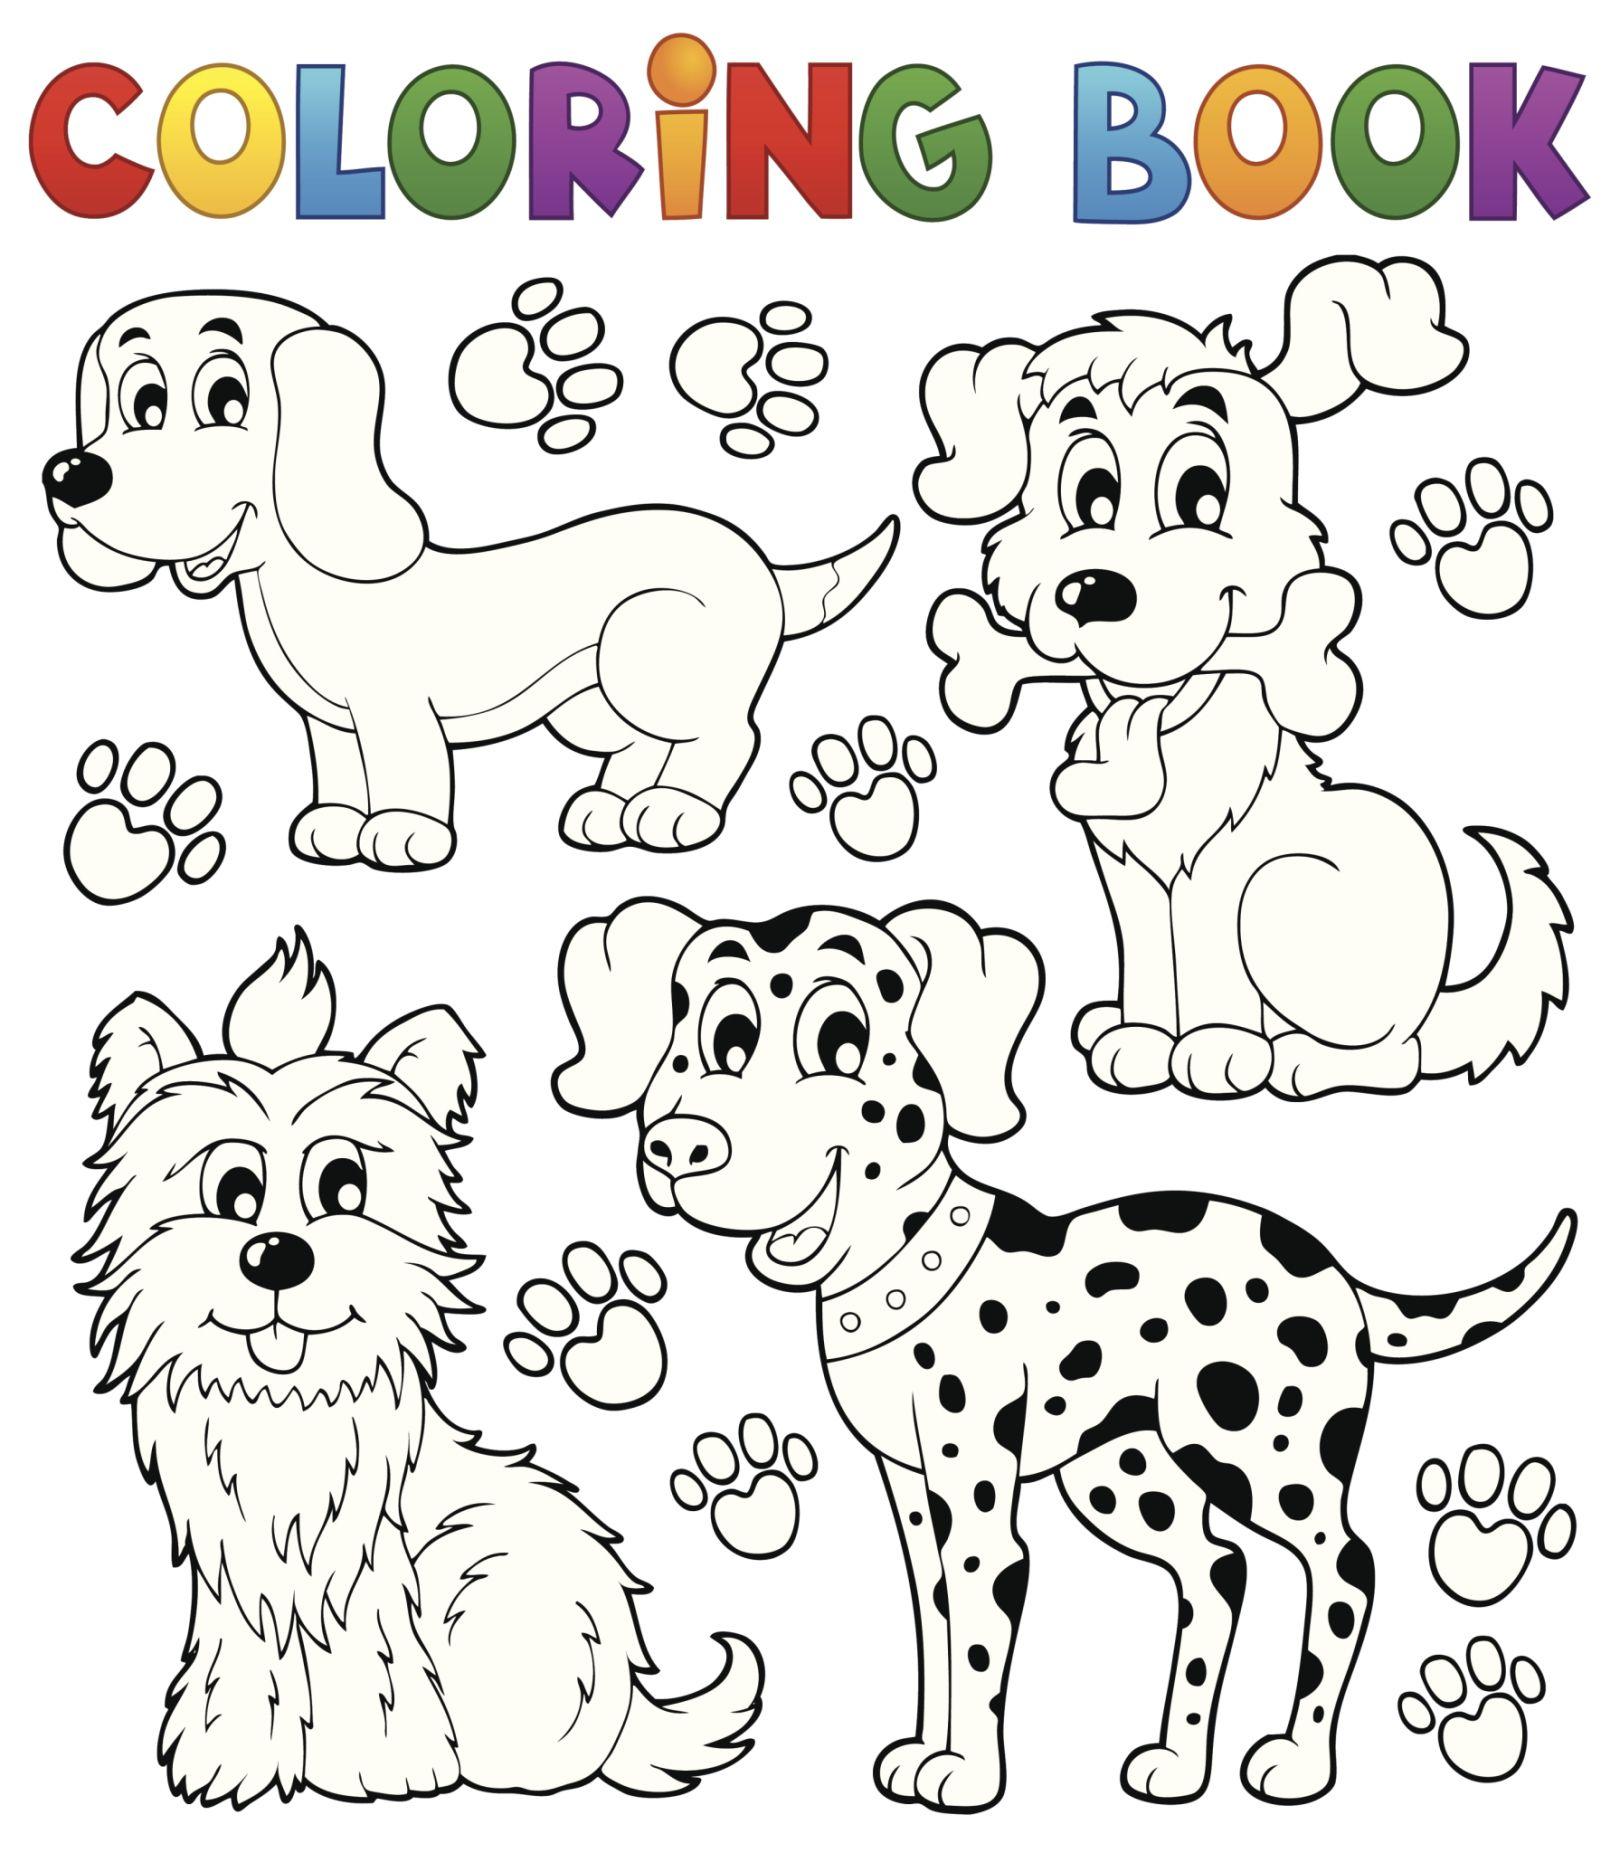 Asombroso Dibujos De Calicó Para Colorear Regalo - Ideas Para ...